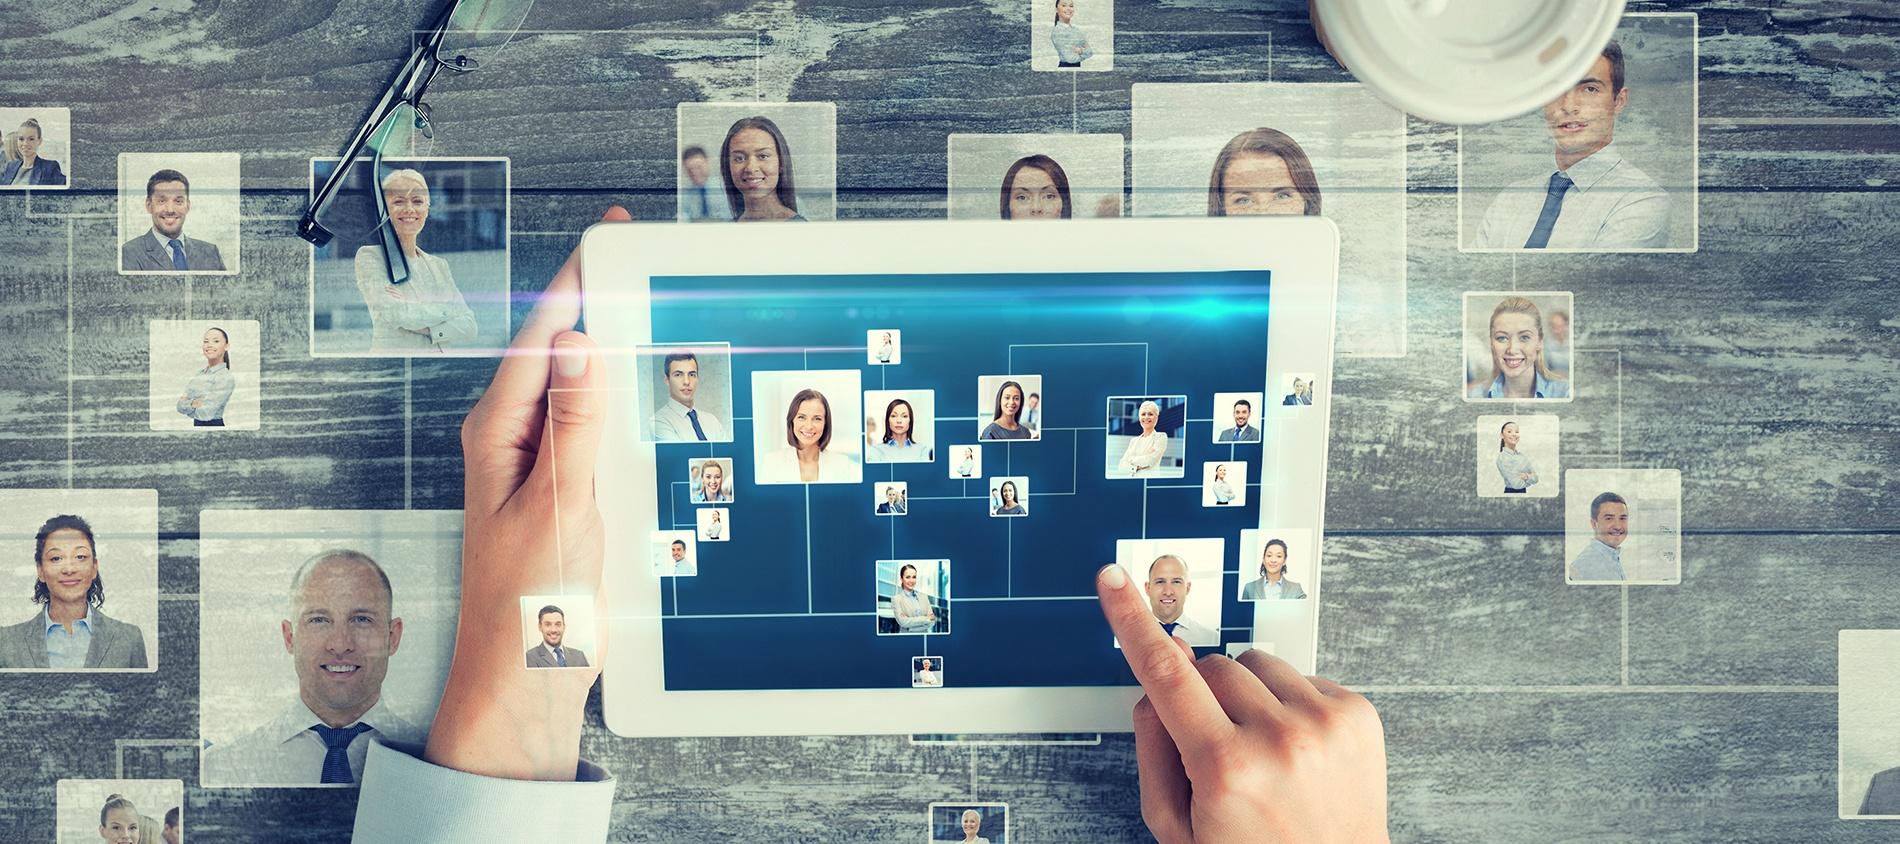 ¿Cómo hacer para potencializar tu networking?